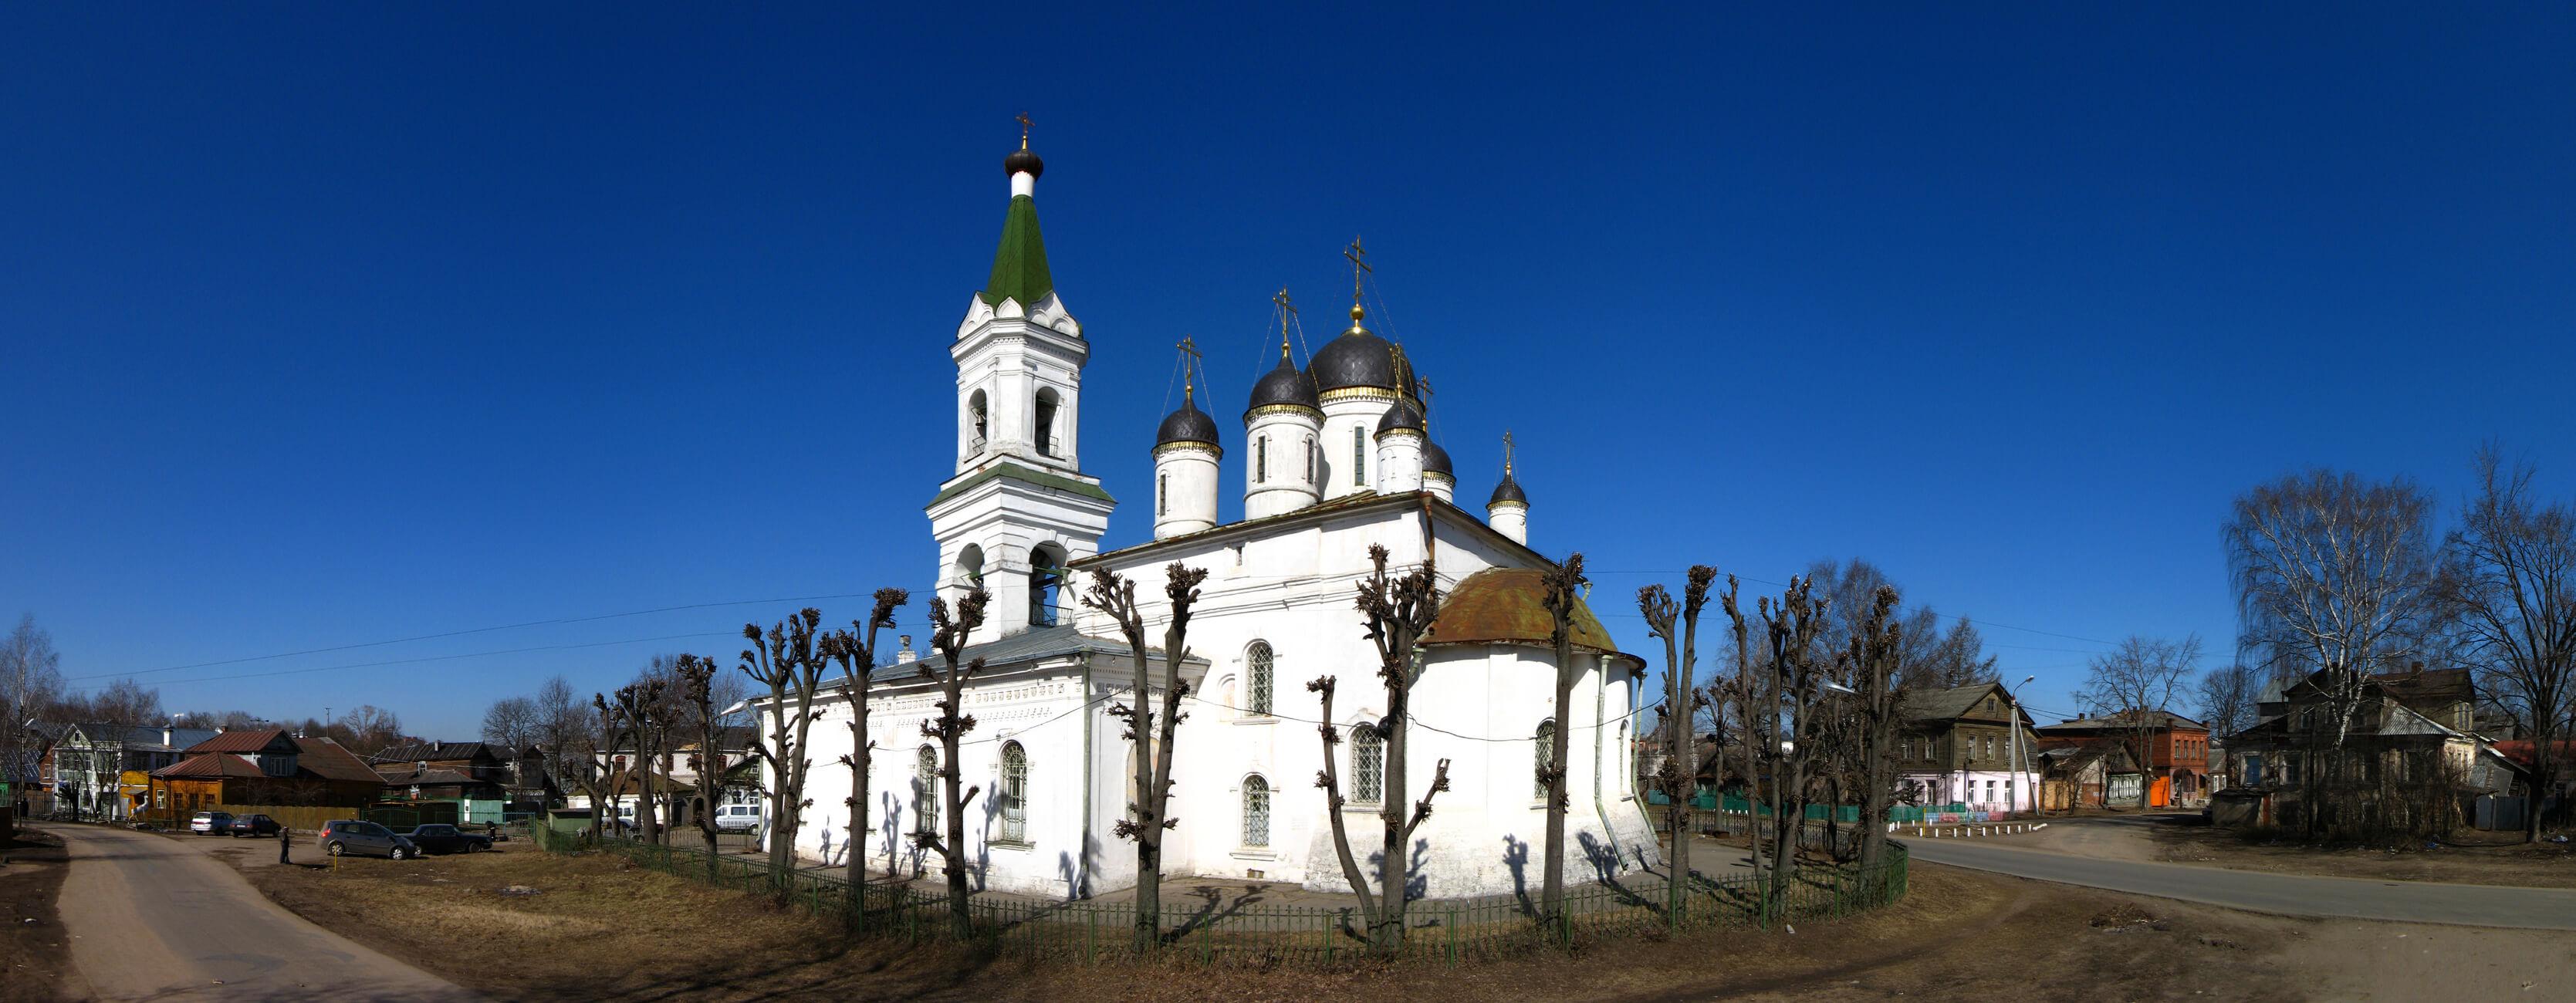 В настоящее время в Едином государственном реестре недвижимости содержится информация о 87 объектах культурного наследия Тверской области